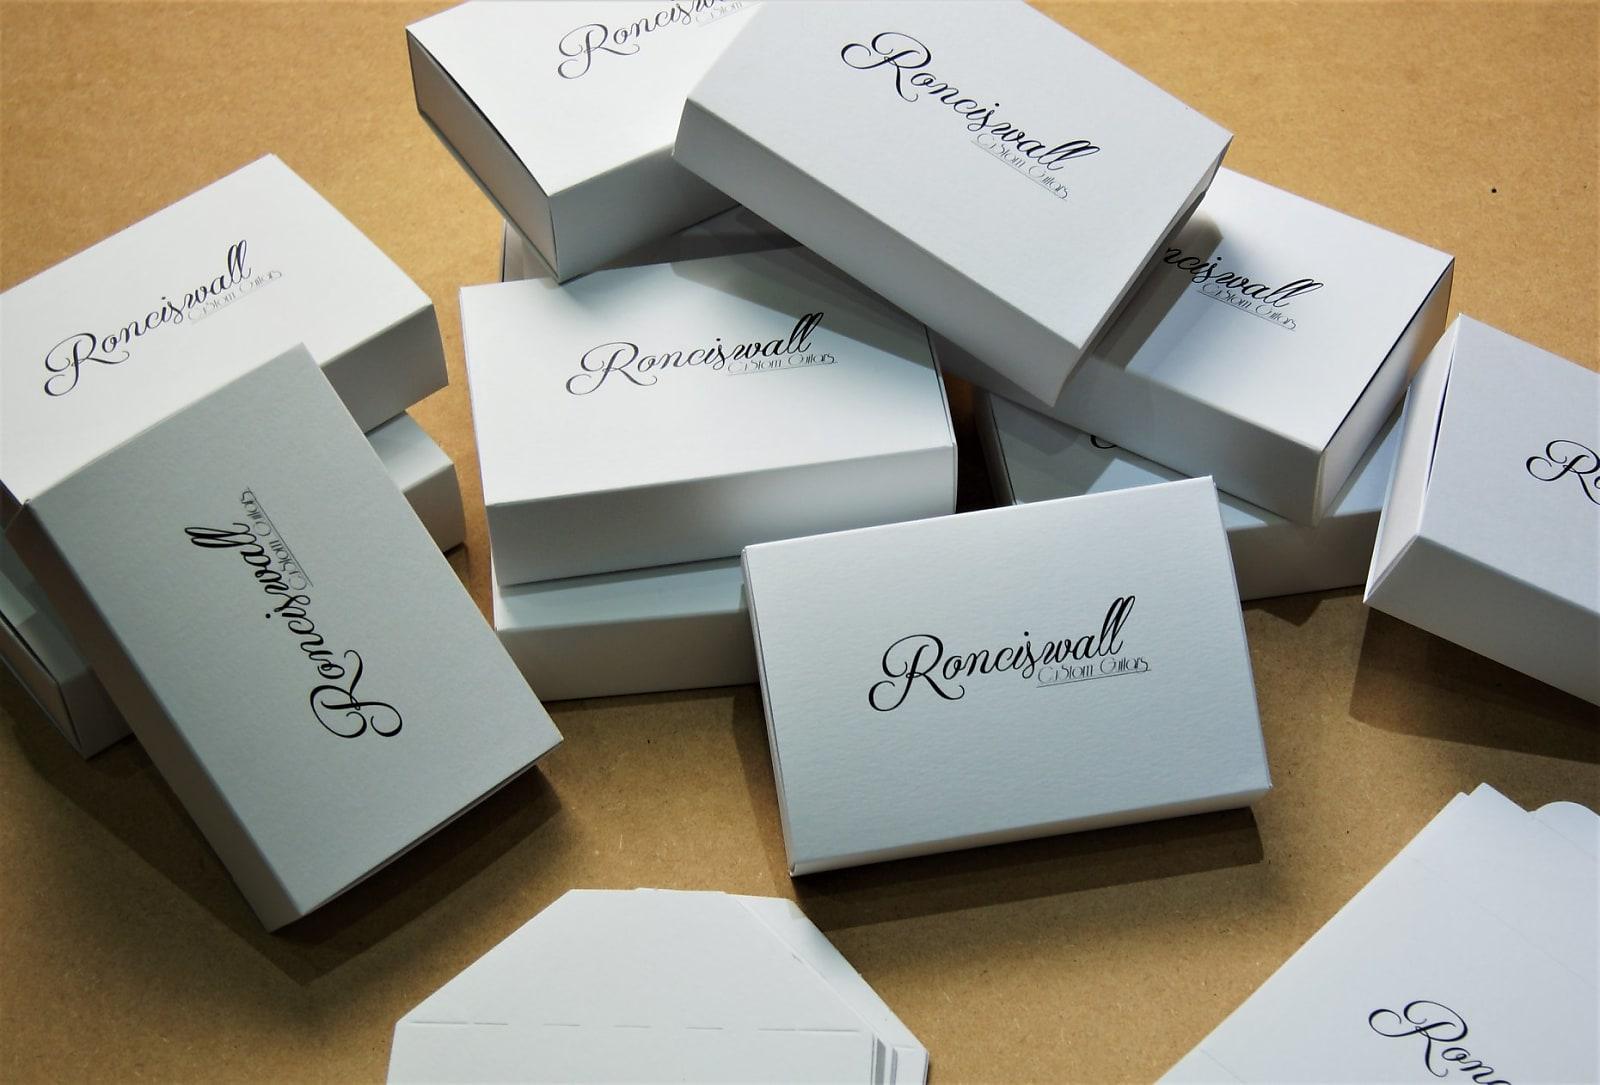 Ronciswall Ceramic Humbucker 6 set - Ebony & Flame Tanganika